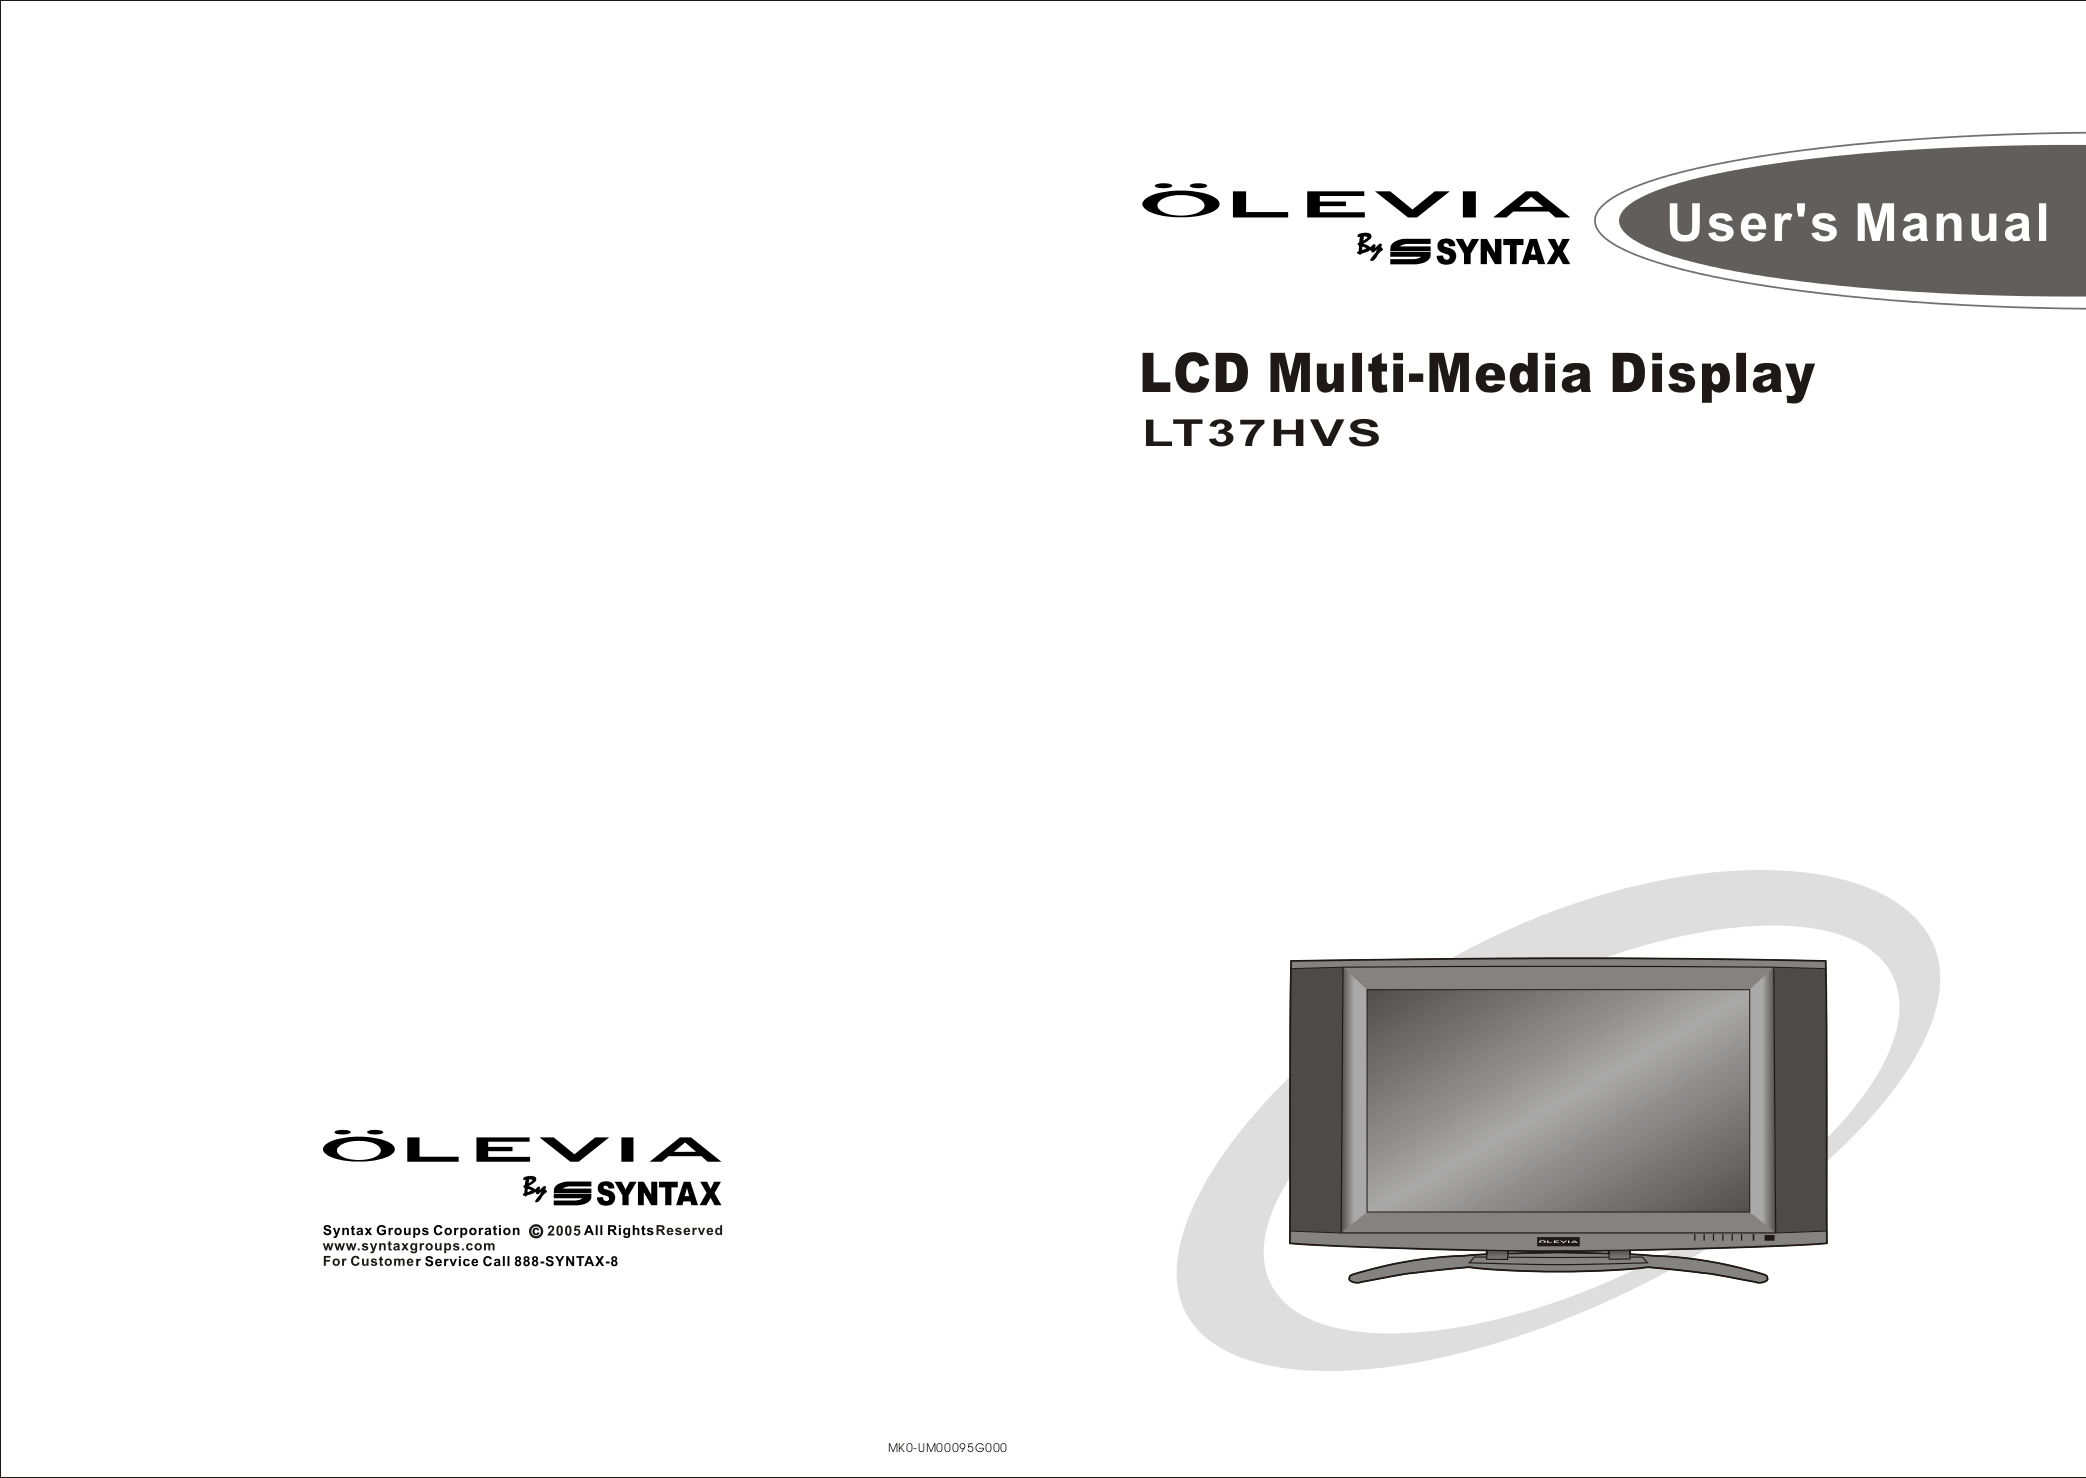 download free pdf for olevia 232v tv manual rh umlib com Olevia TV 232-S12 Manual Olevia TV 232-S12 Manual